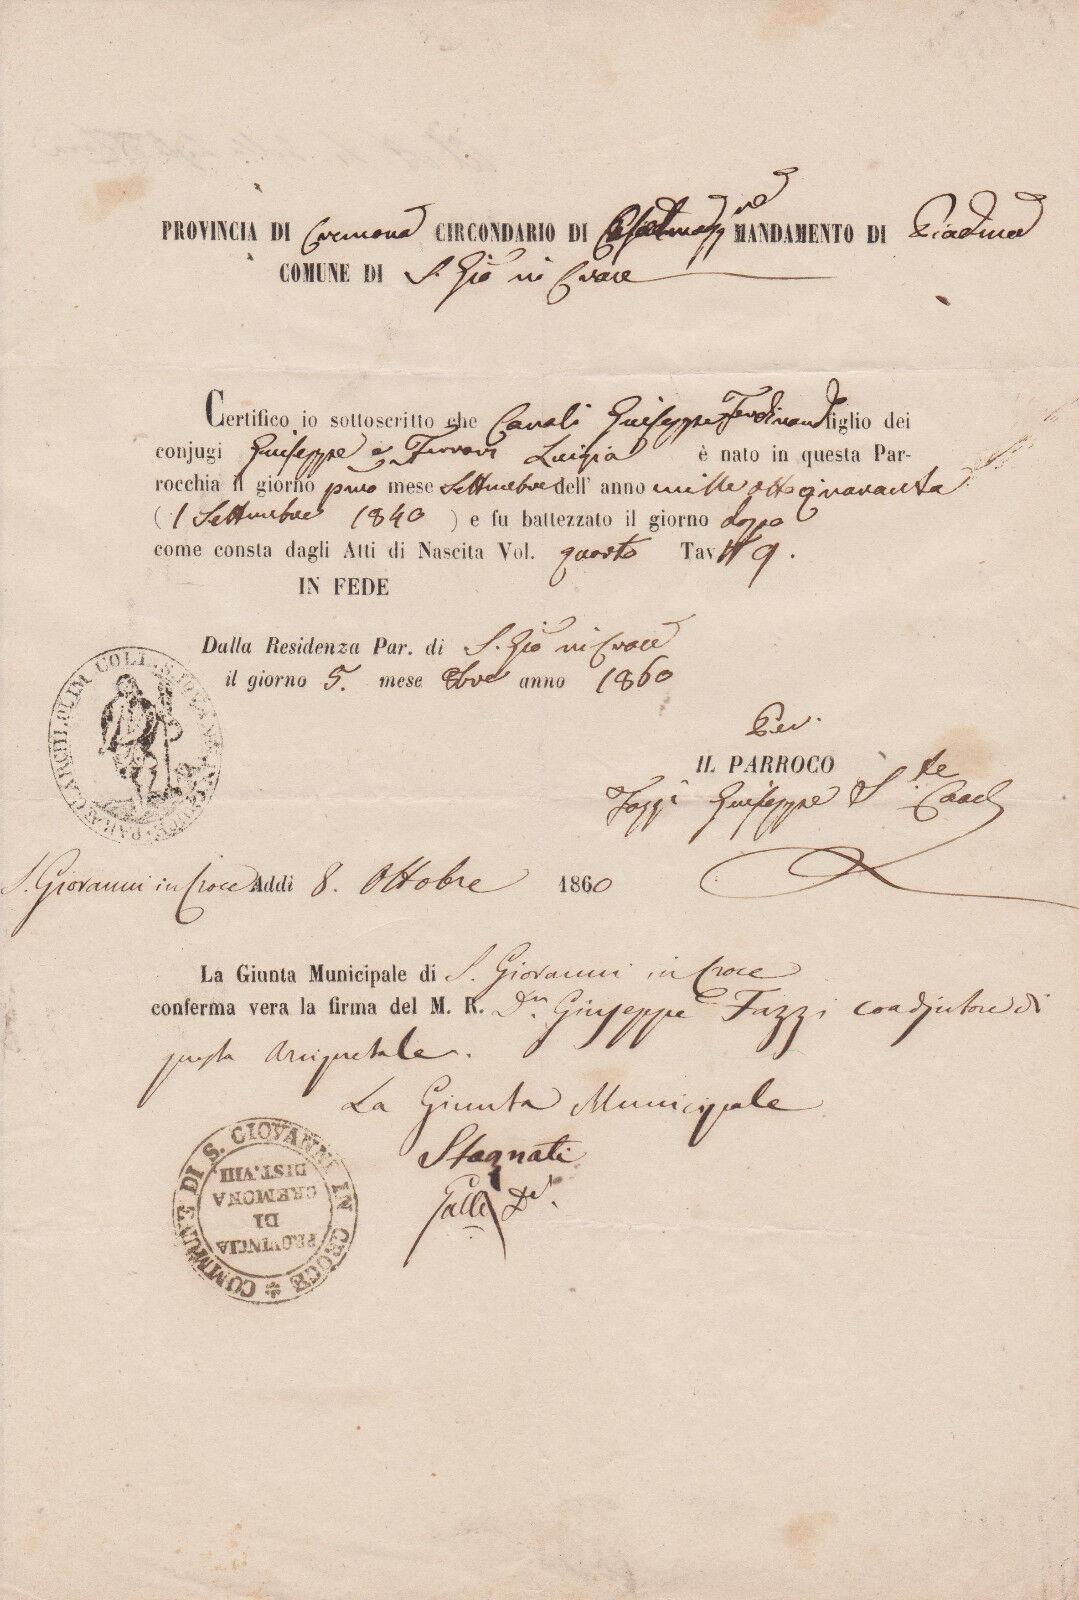 D390-CREMONA-COMUNE DI S.GIOVANNI IN CROCE CERTIFICATO DI BATTESIMO ANNO 1860